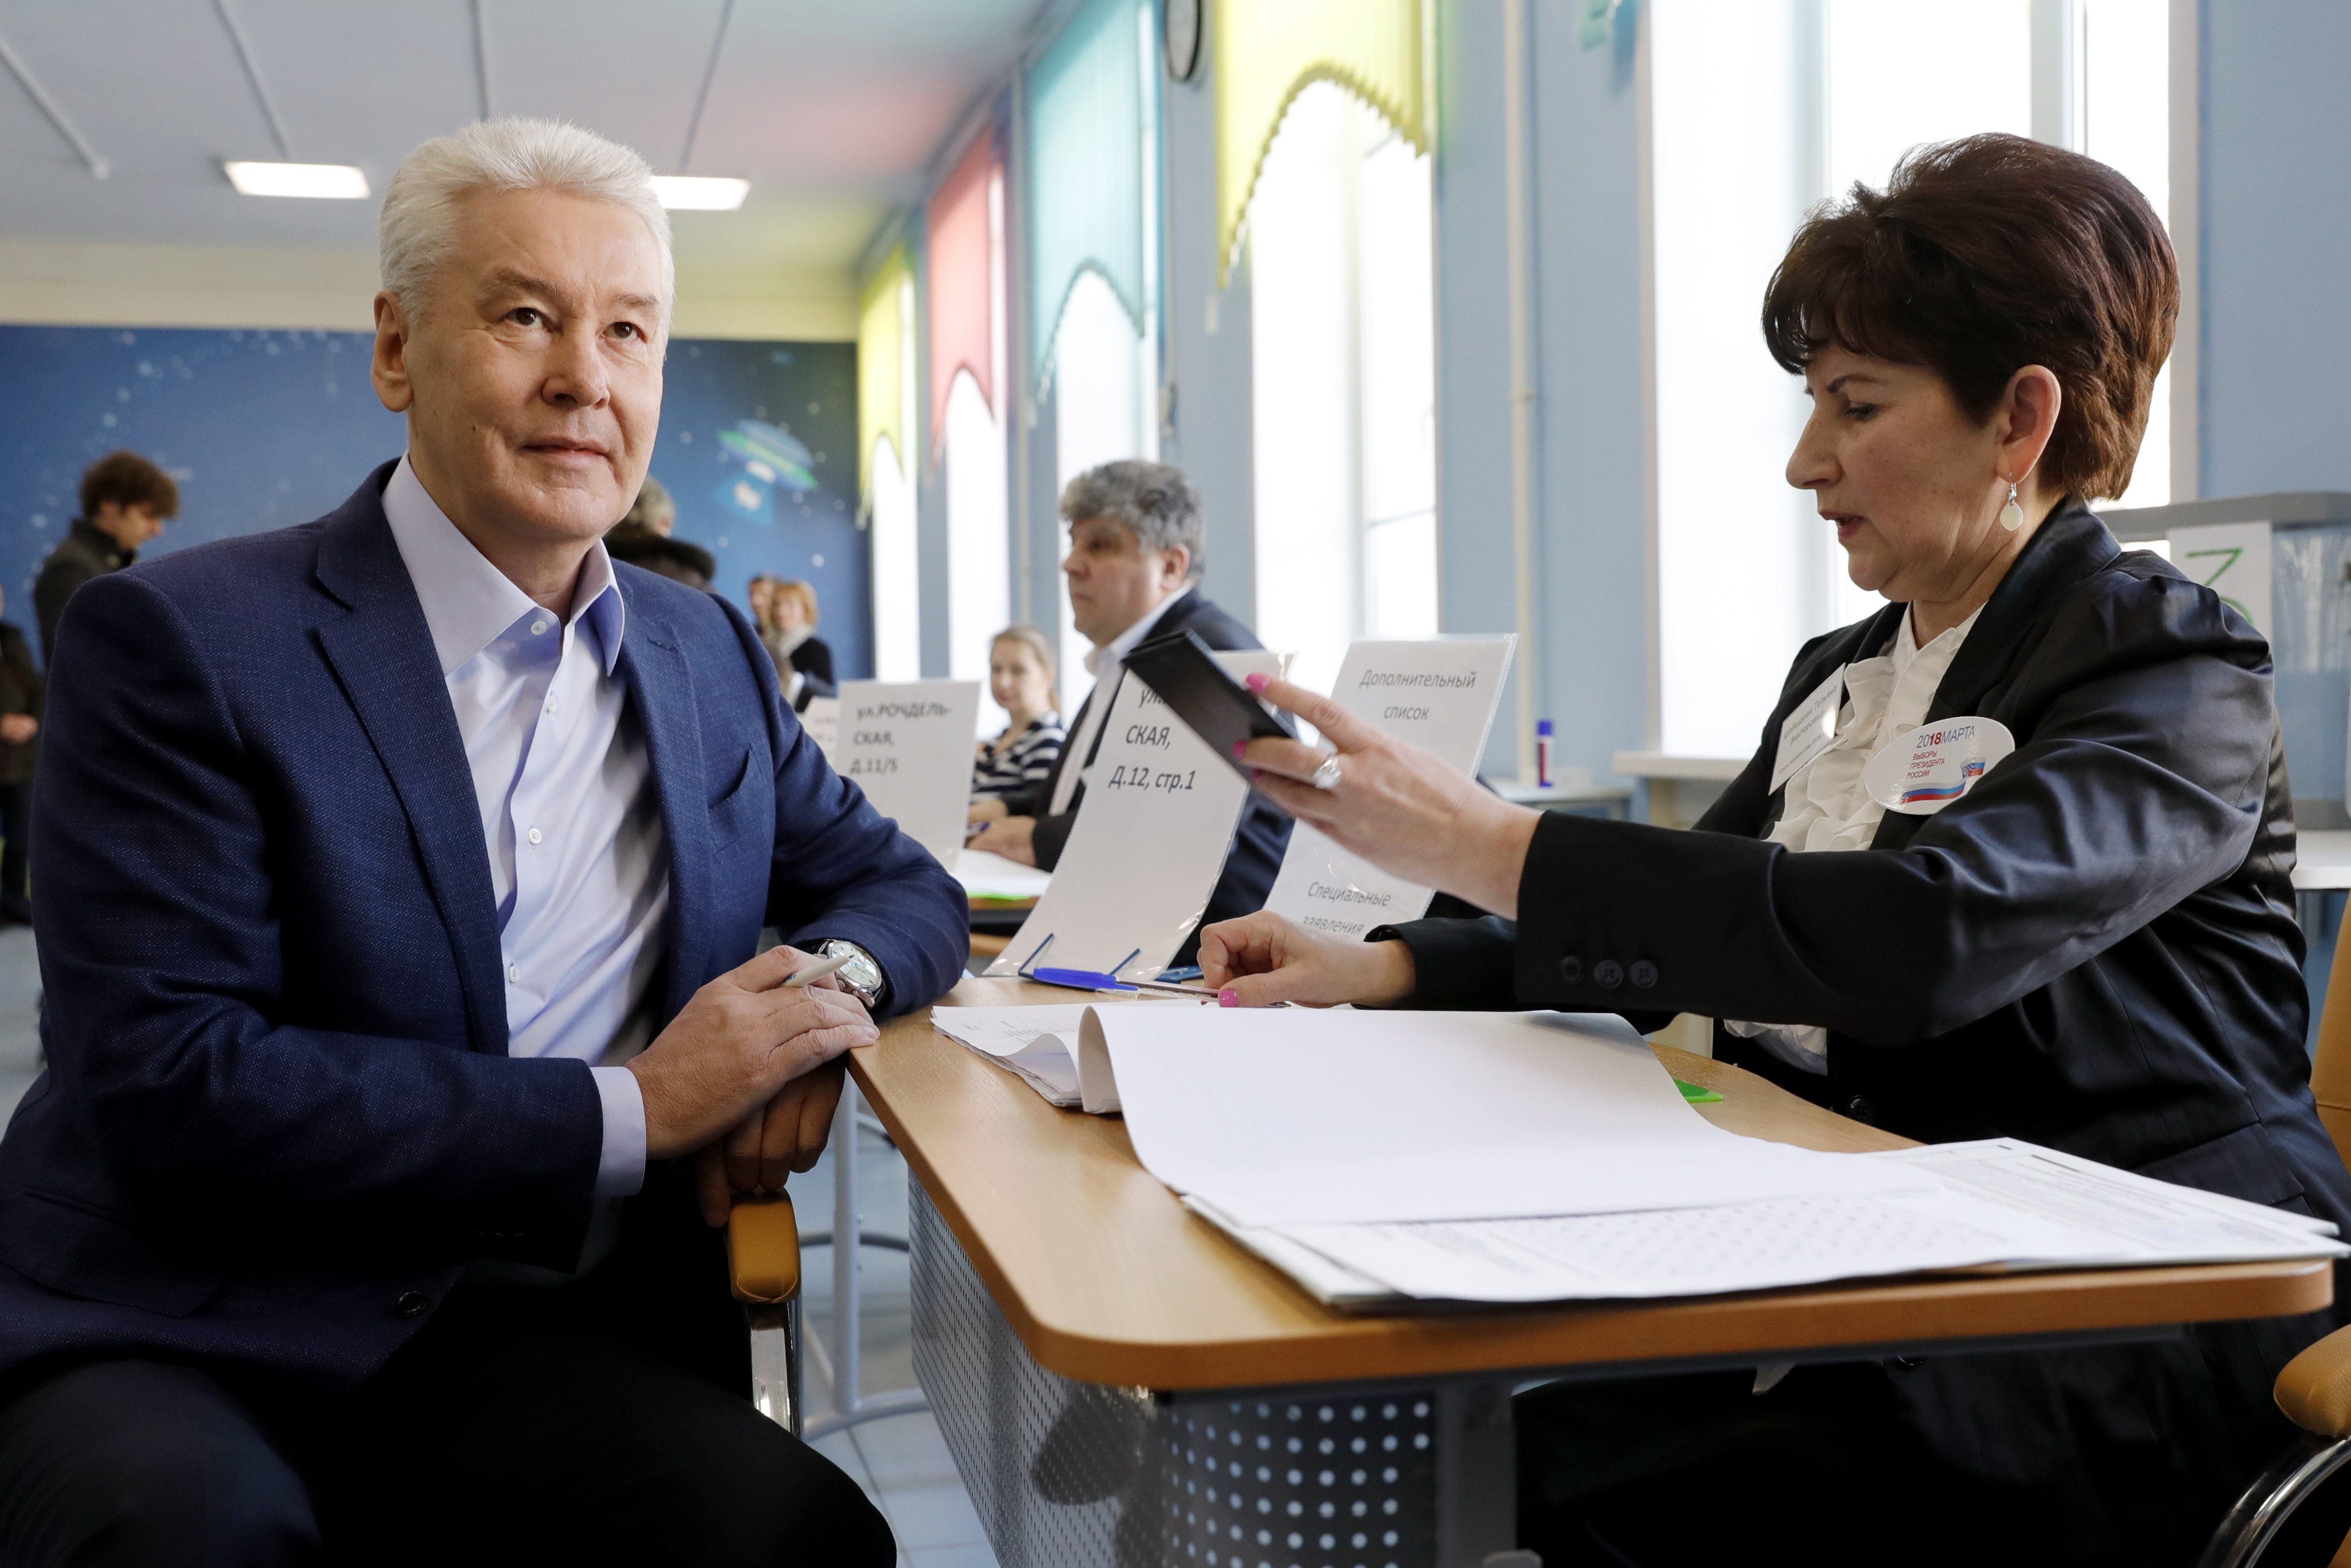 Выбор Собянина: почему у московского мэра нет альтернативы. Фото | Бизнес